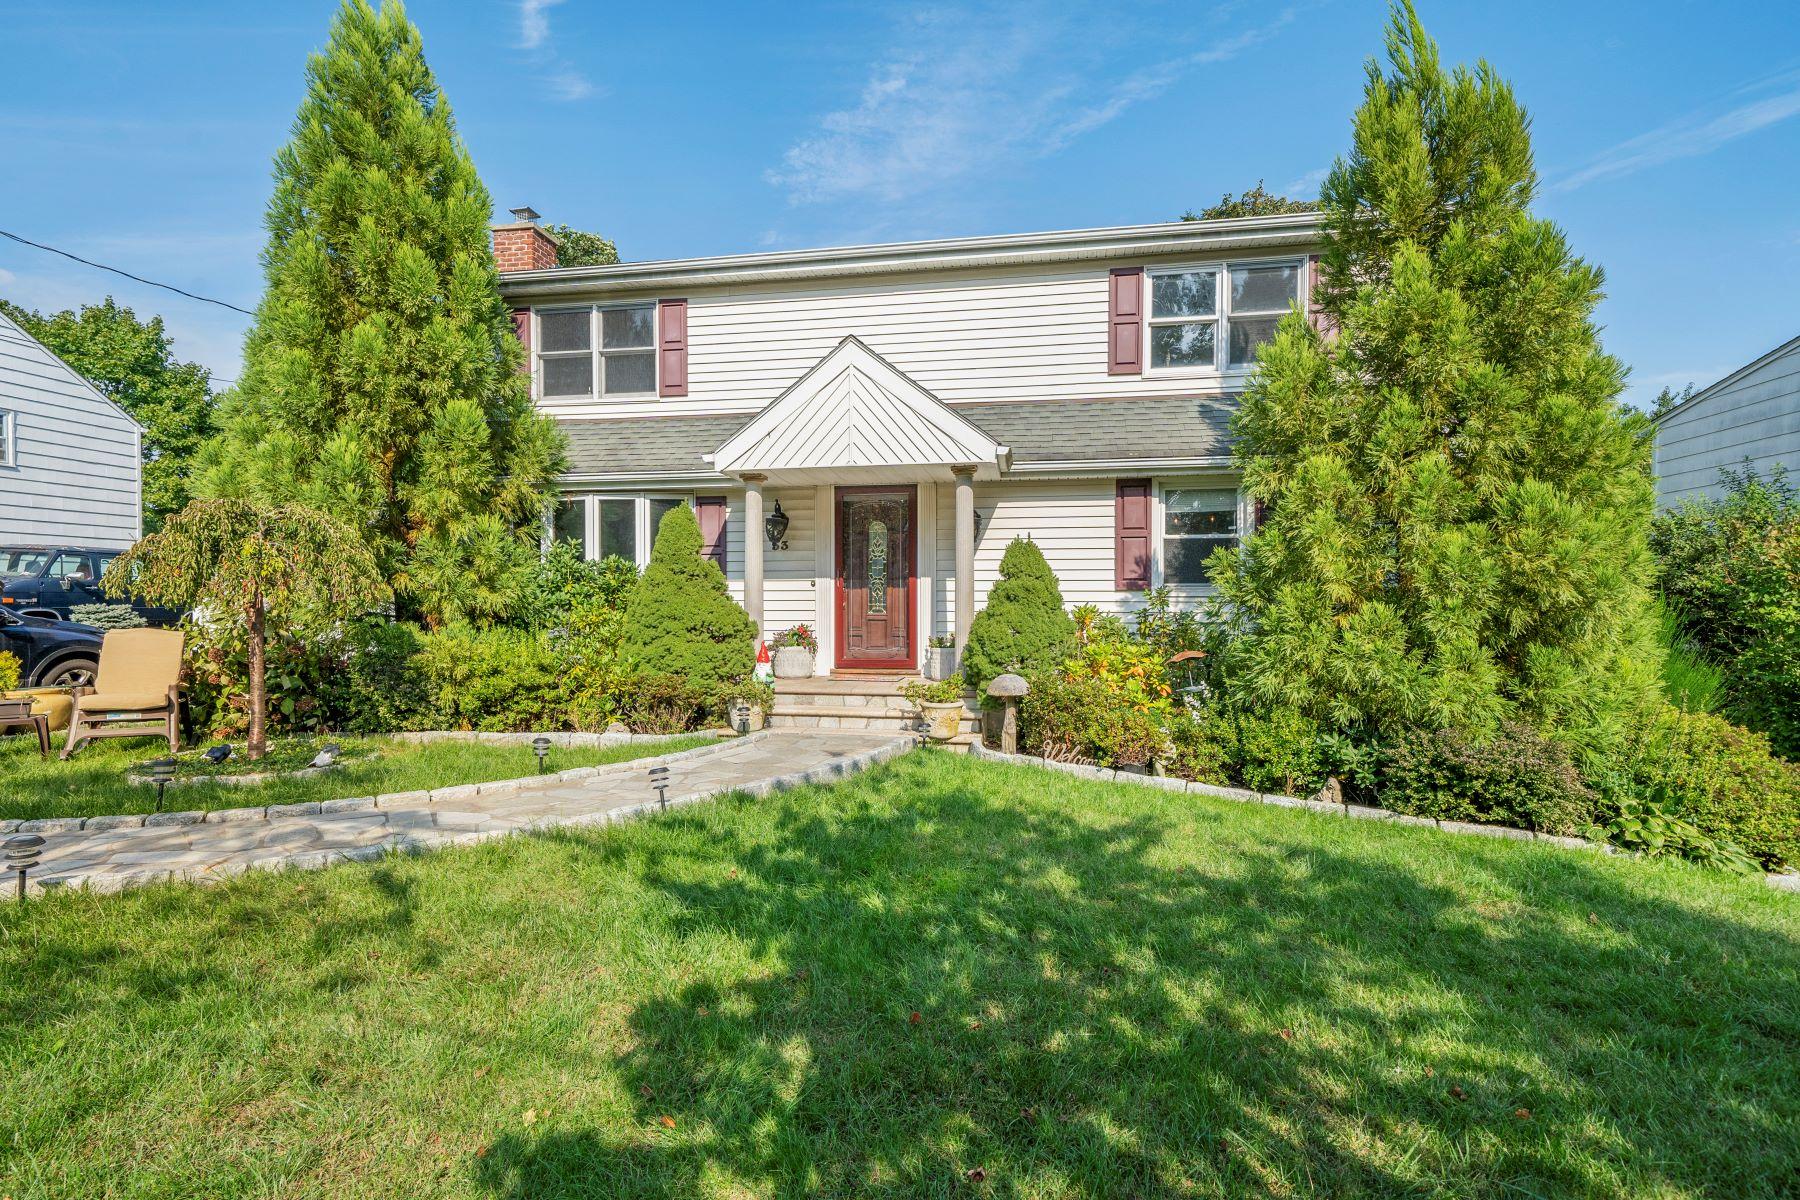 Single Family Homes für Verkauf beim 53 Tower Hill Drive Port Chester, New York 10573 Vereinigte Staaten